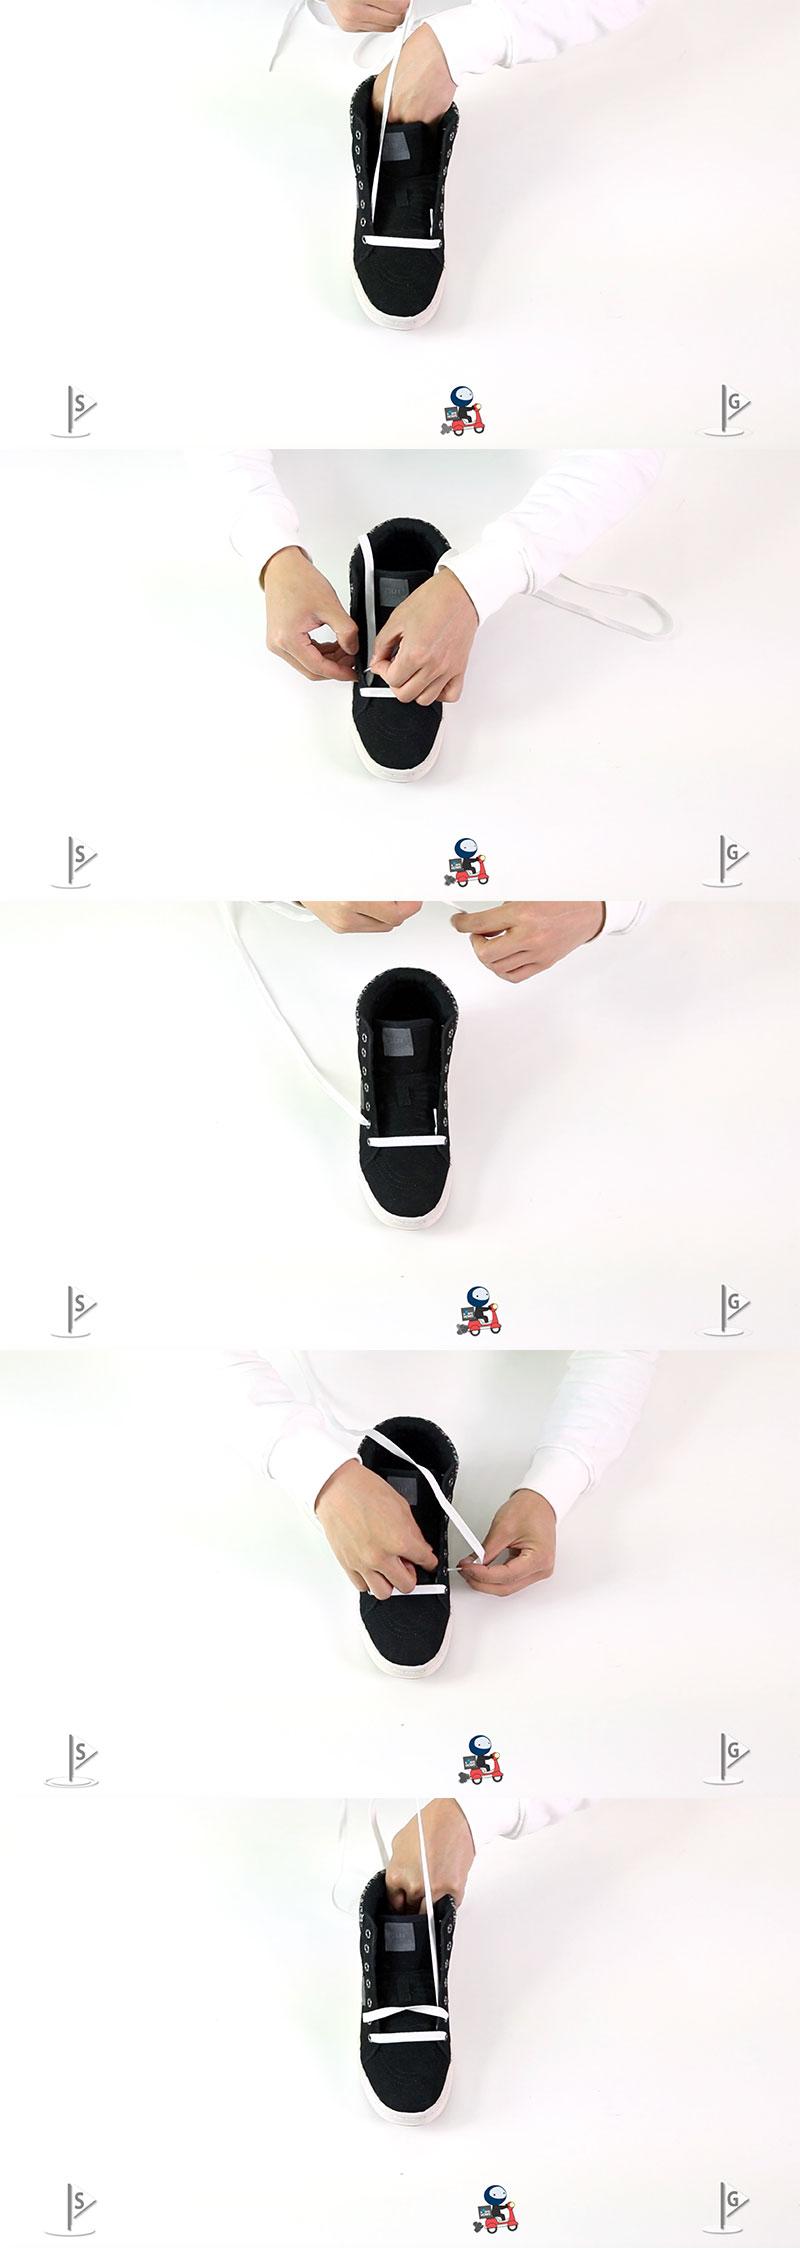 03 shoe laces 08